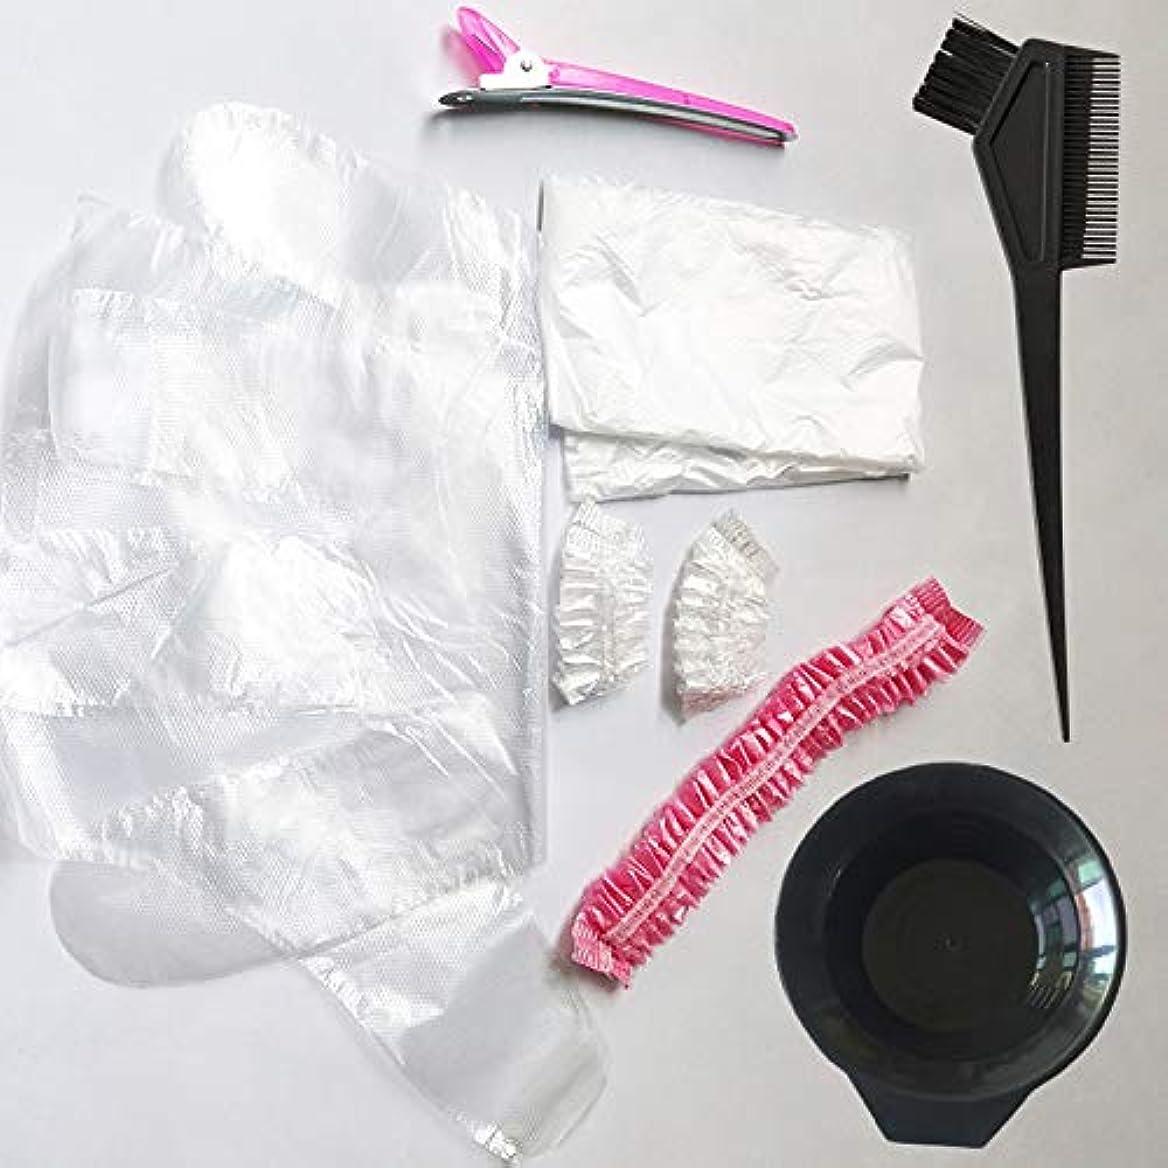 ところで思いやりのある私たちヘアダイブラシ ヘアカラーカップ 毛染め用耳カバー ヘアダイコーム 8点セット 白髪染め 家庭用 美容師プロ用 プラスチック製